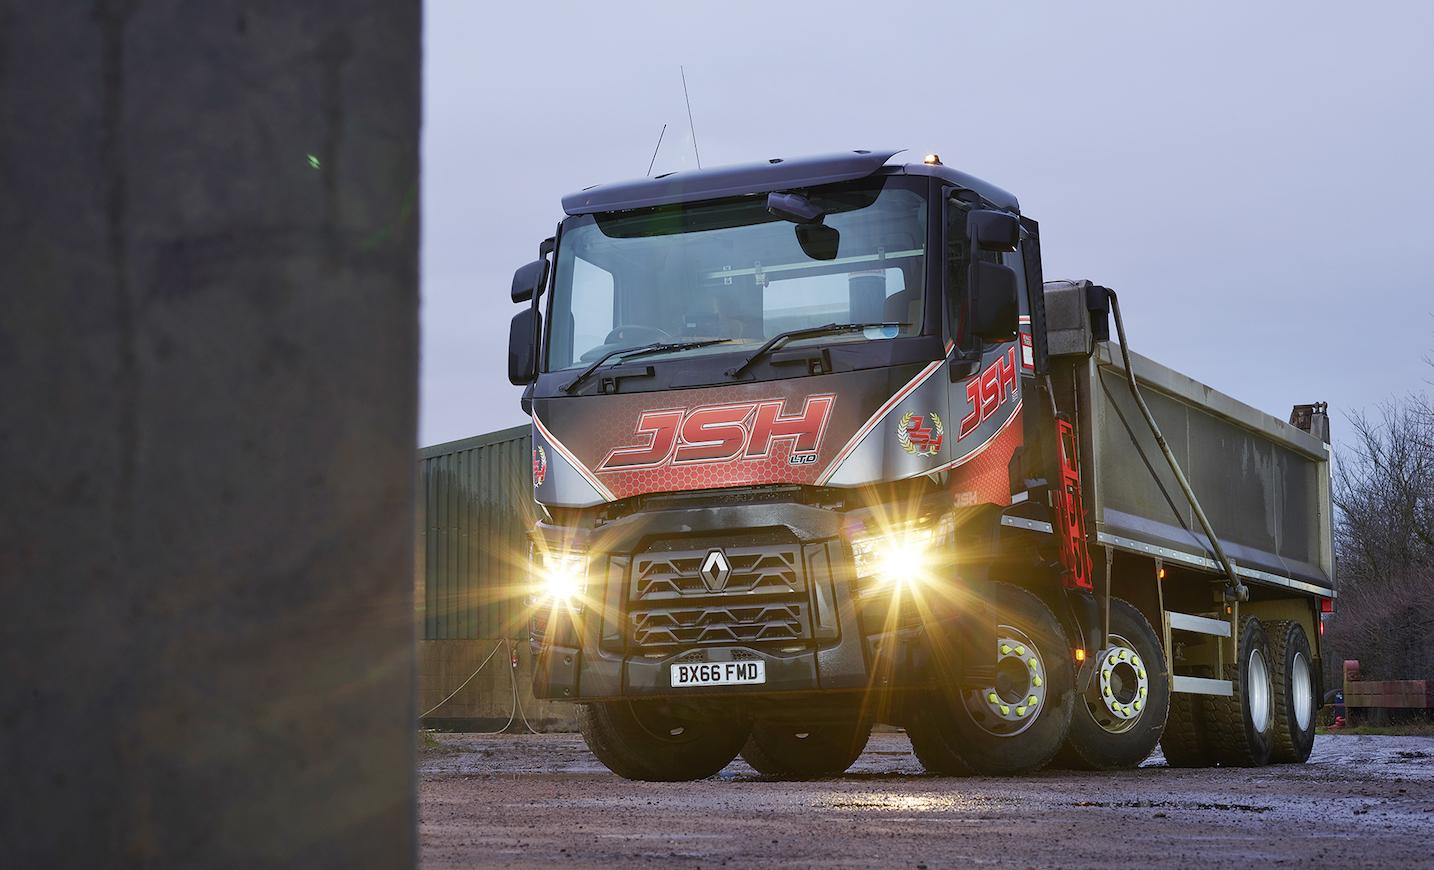 Renault Trucks First Class Dealer Support Wins Over Jsh